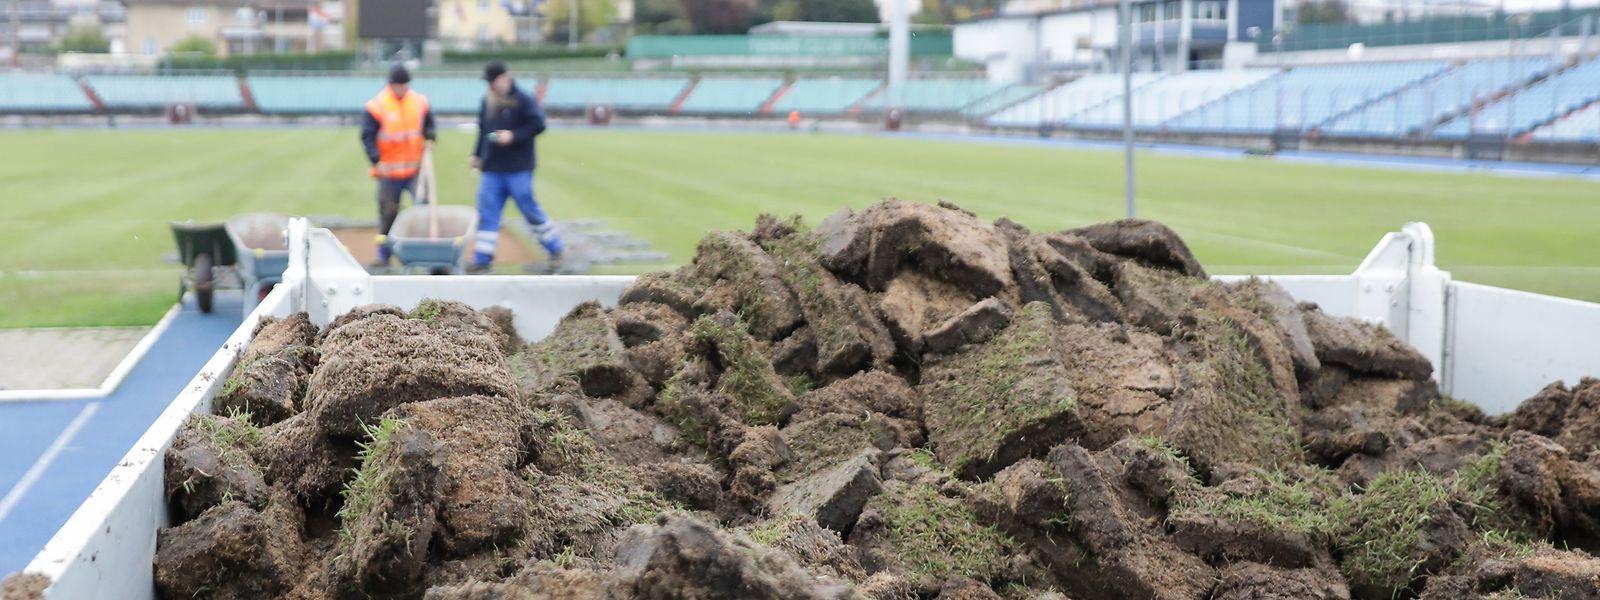 La rénovation de la pelouse du Josy Barthel fin novembre avait coûté 150.000 euros. Pour un match disputé...